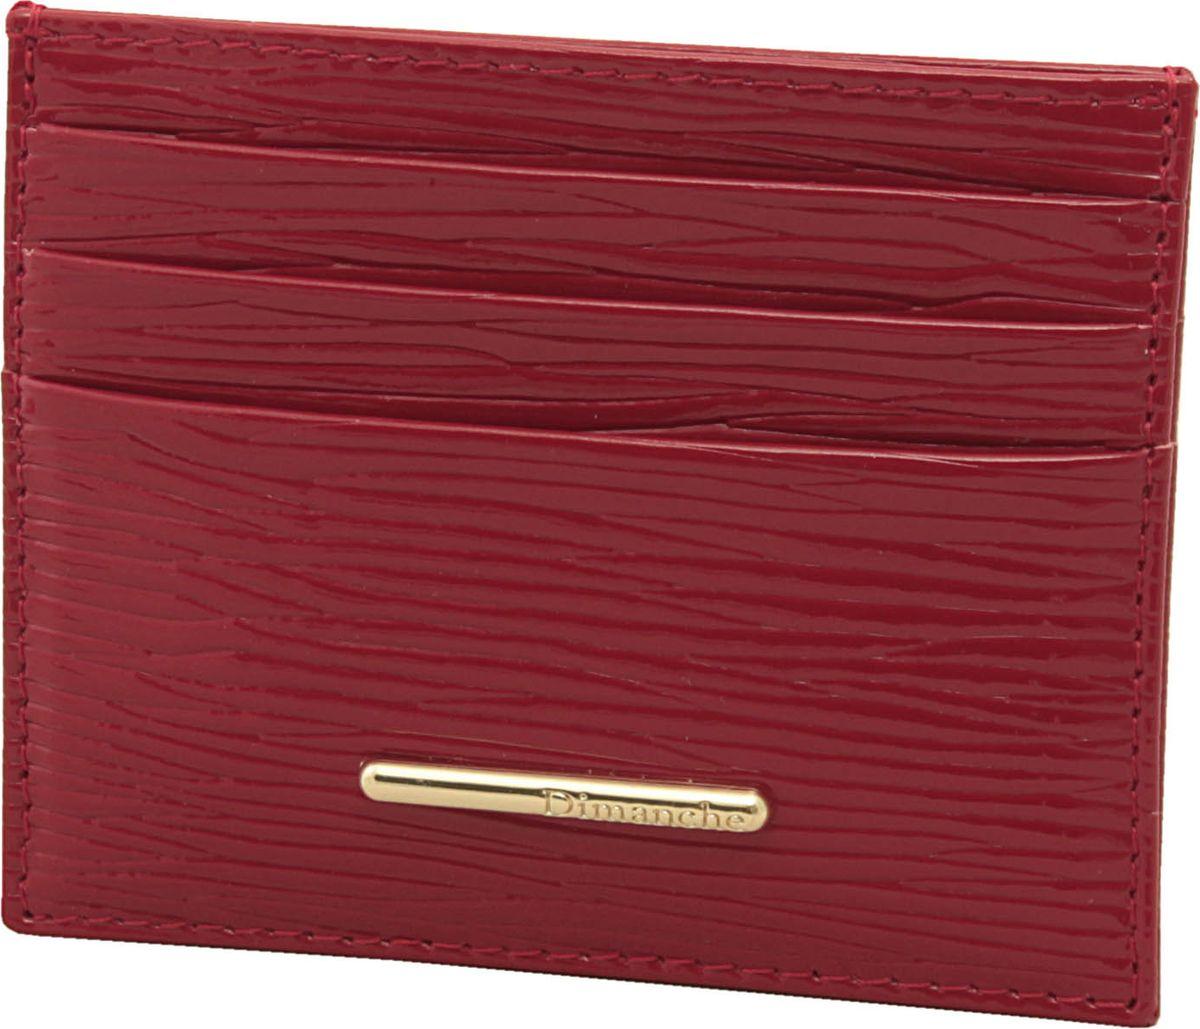 Визитница женская Dimanche Найс, цвет: красный. 149149Миниатюрный футляр для хранения визитных или кредитных кар. С каждой стороны имеется по 3 кармашка и посередине потайной карман.